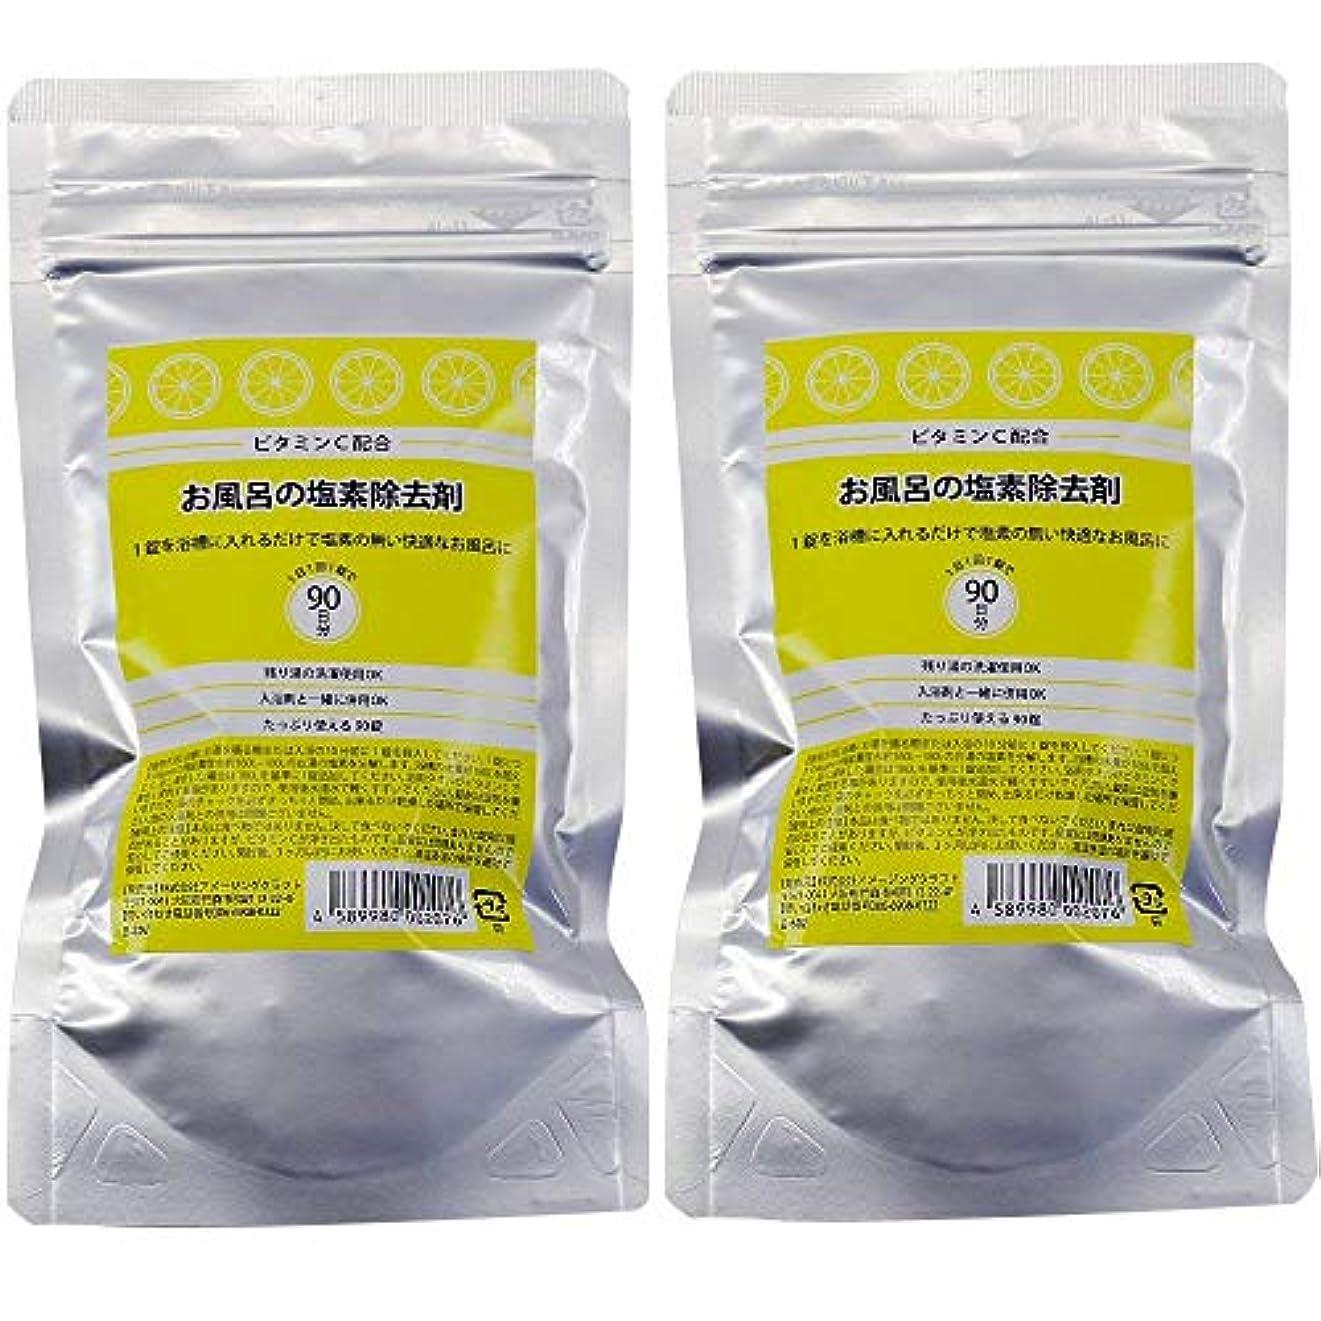 比較的決定松の木ビタミンC配合 お風呂の塩素除去剤 錠剤タイプ 90錠 2個セット 浴槽用脱塩素剤